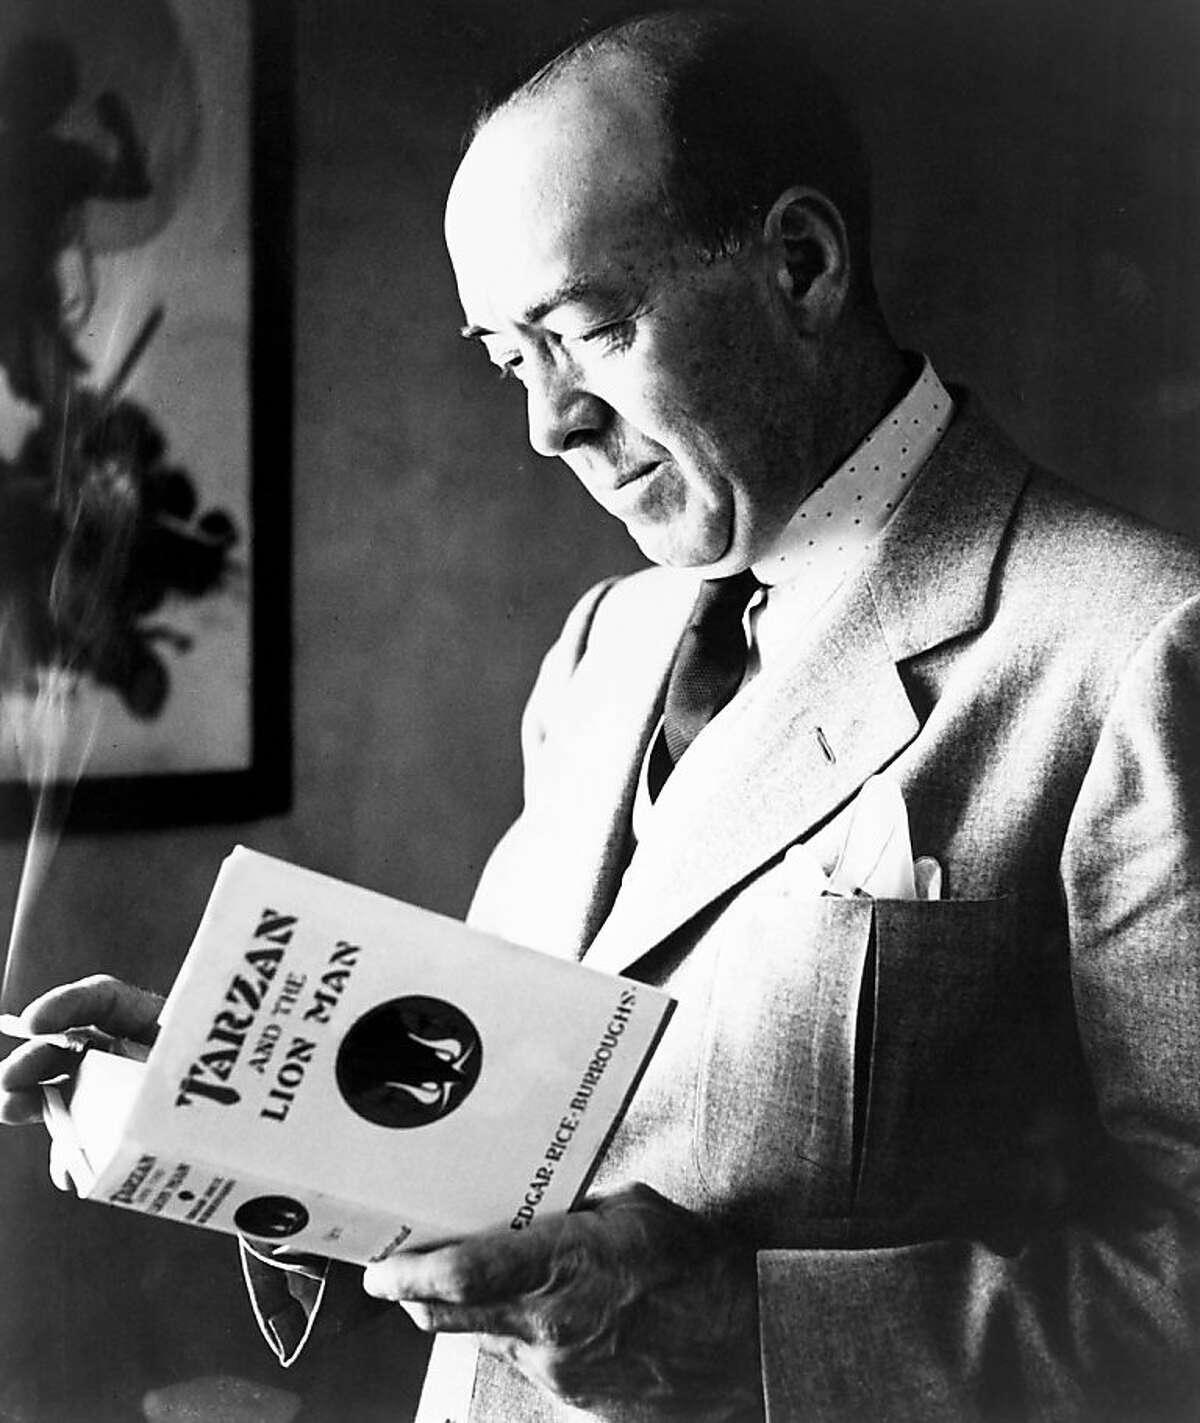 Edgar Rice Burroughs, author of